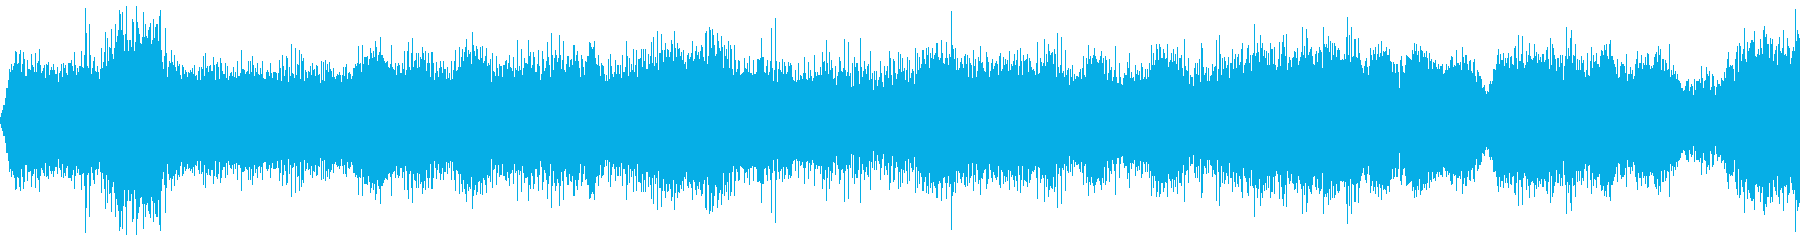 大宇宙の再生済みの波形